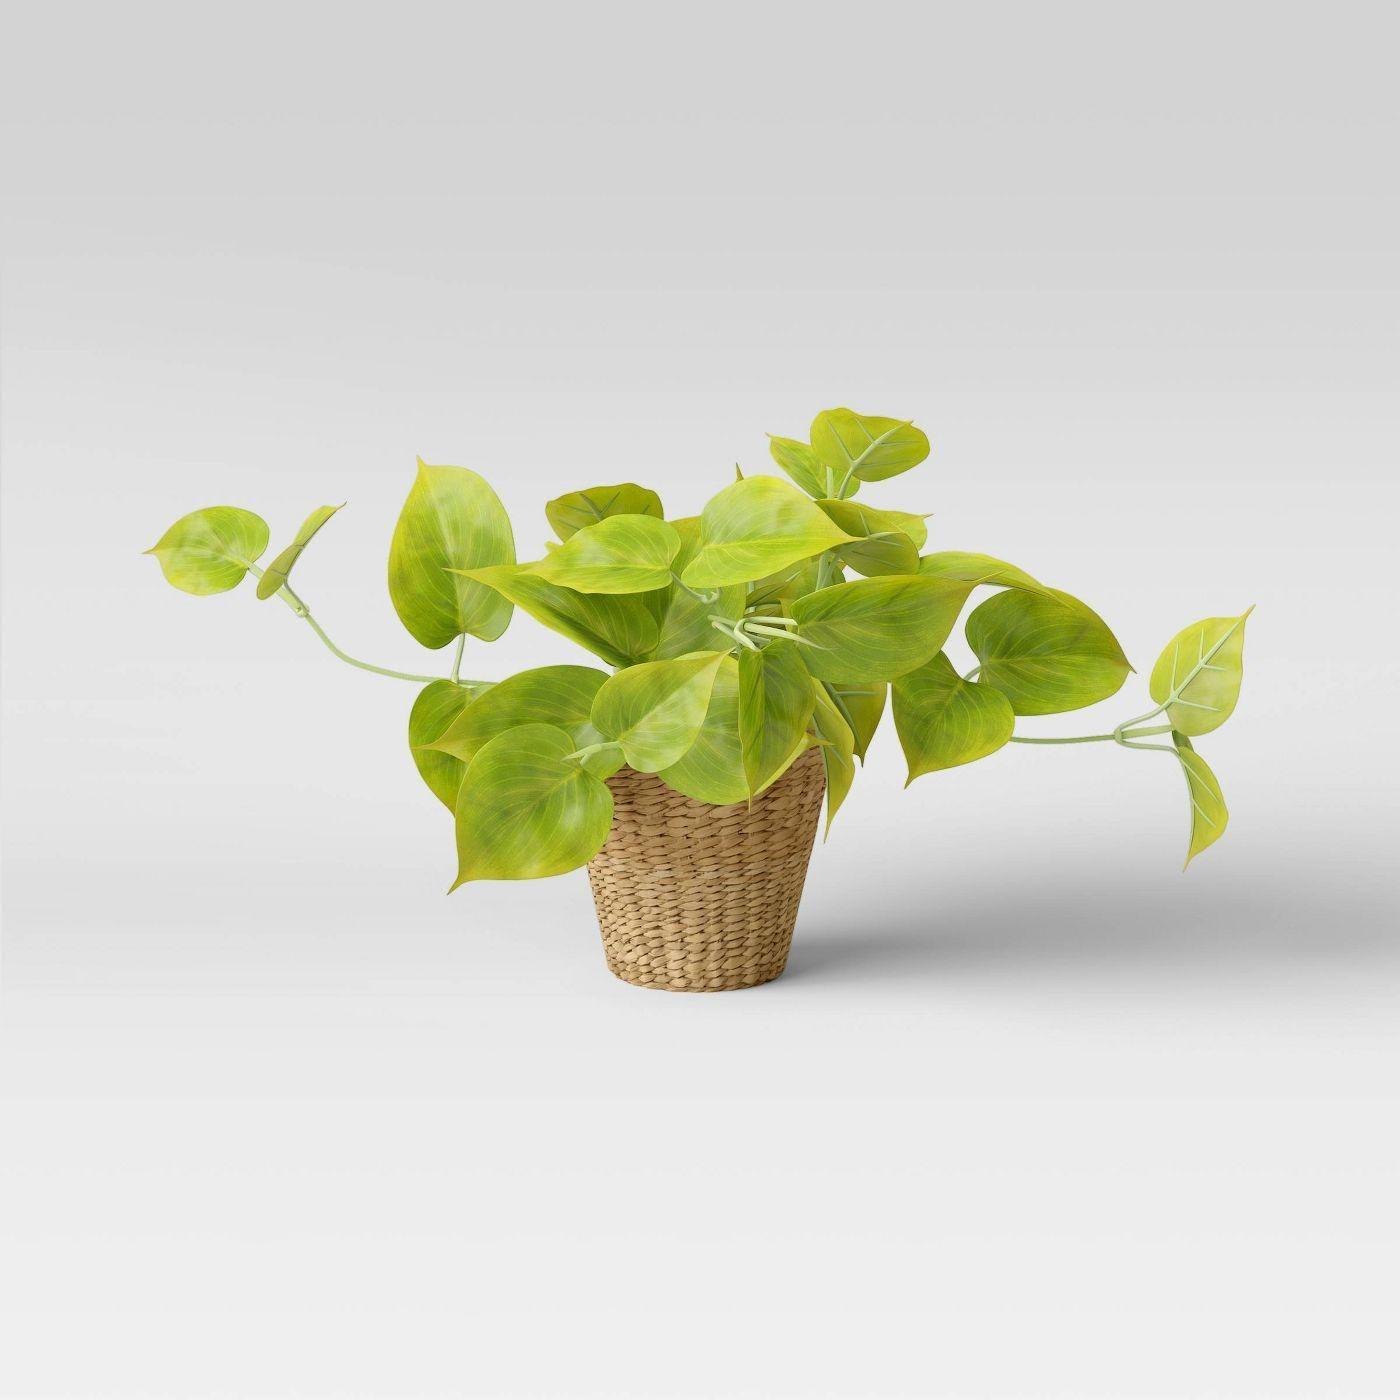 Indoor - Inspirationen für deinen Wohnraum - Goldene Efeutute (lat. Epipremnum aureum) - so geht's einfach desmondo